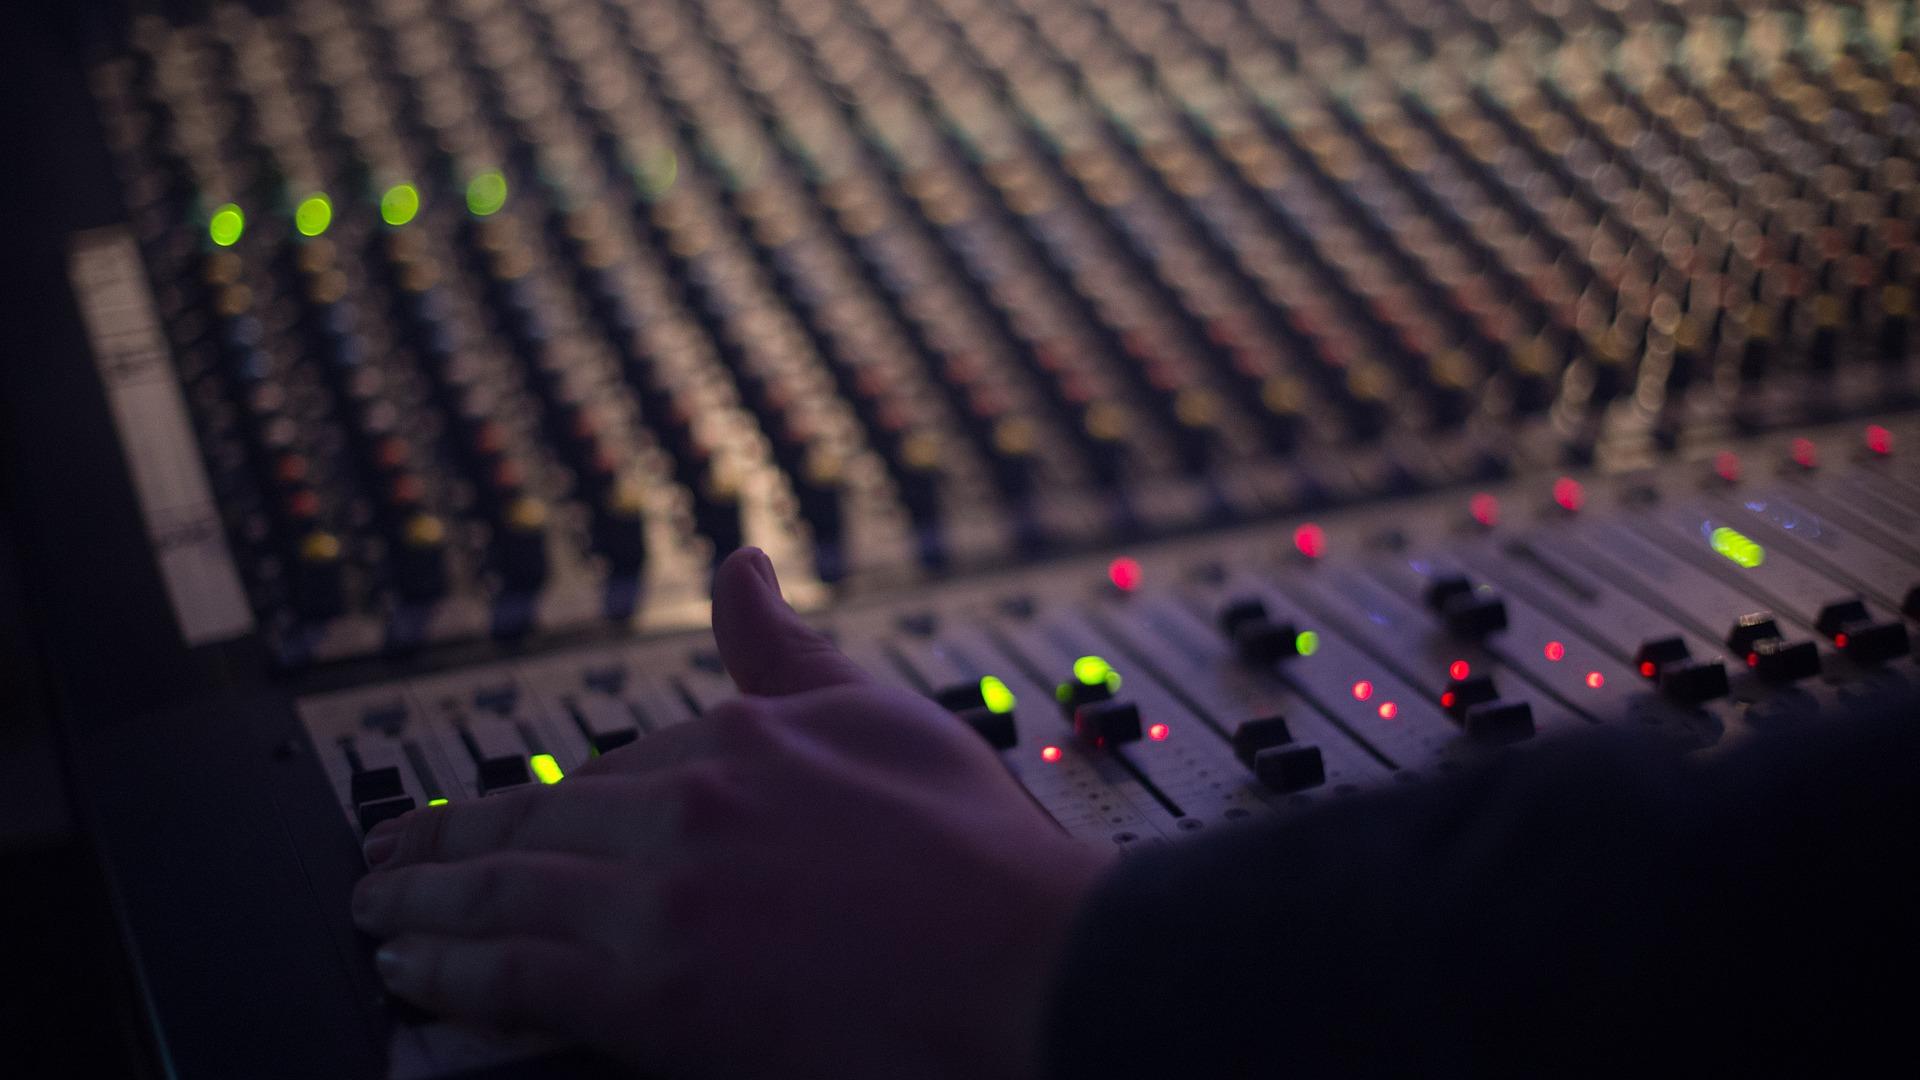 Суспільні радіостанції отримають ФМ-мережу після «Прямого ФМ» і «Армії ФМ»